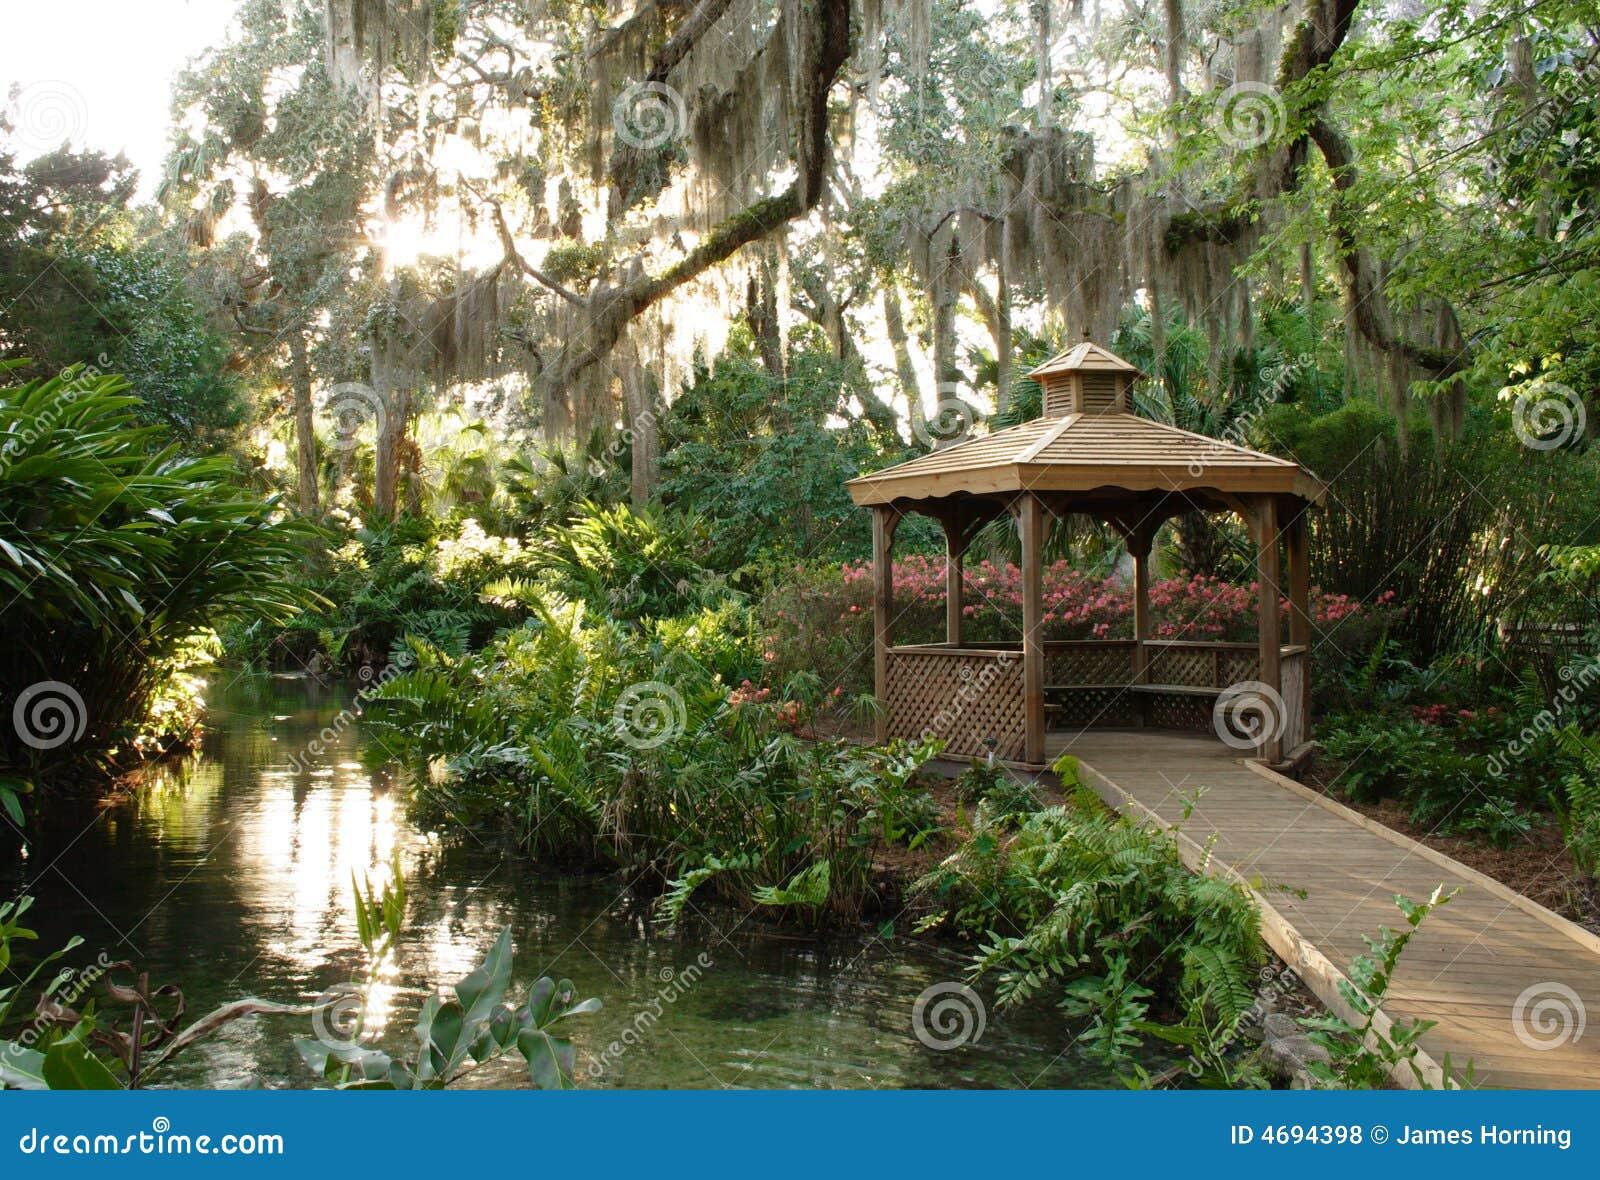 Tropical Garden Gazebo Royalty Free Stock Photos Image